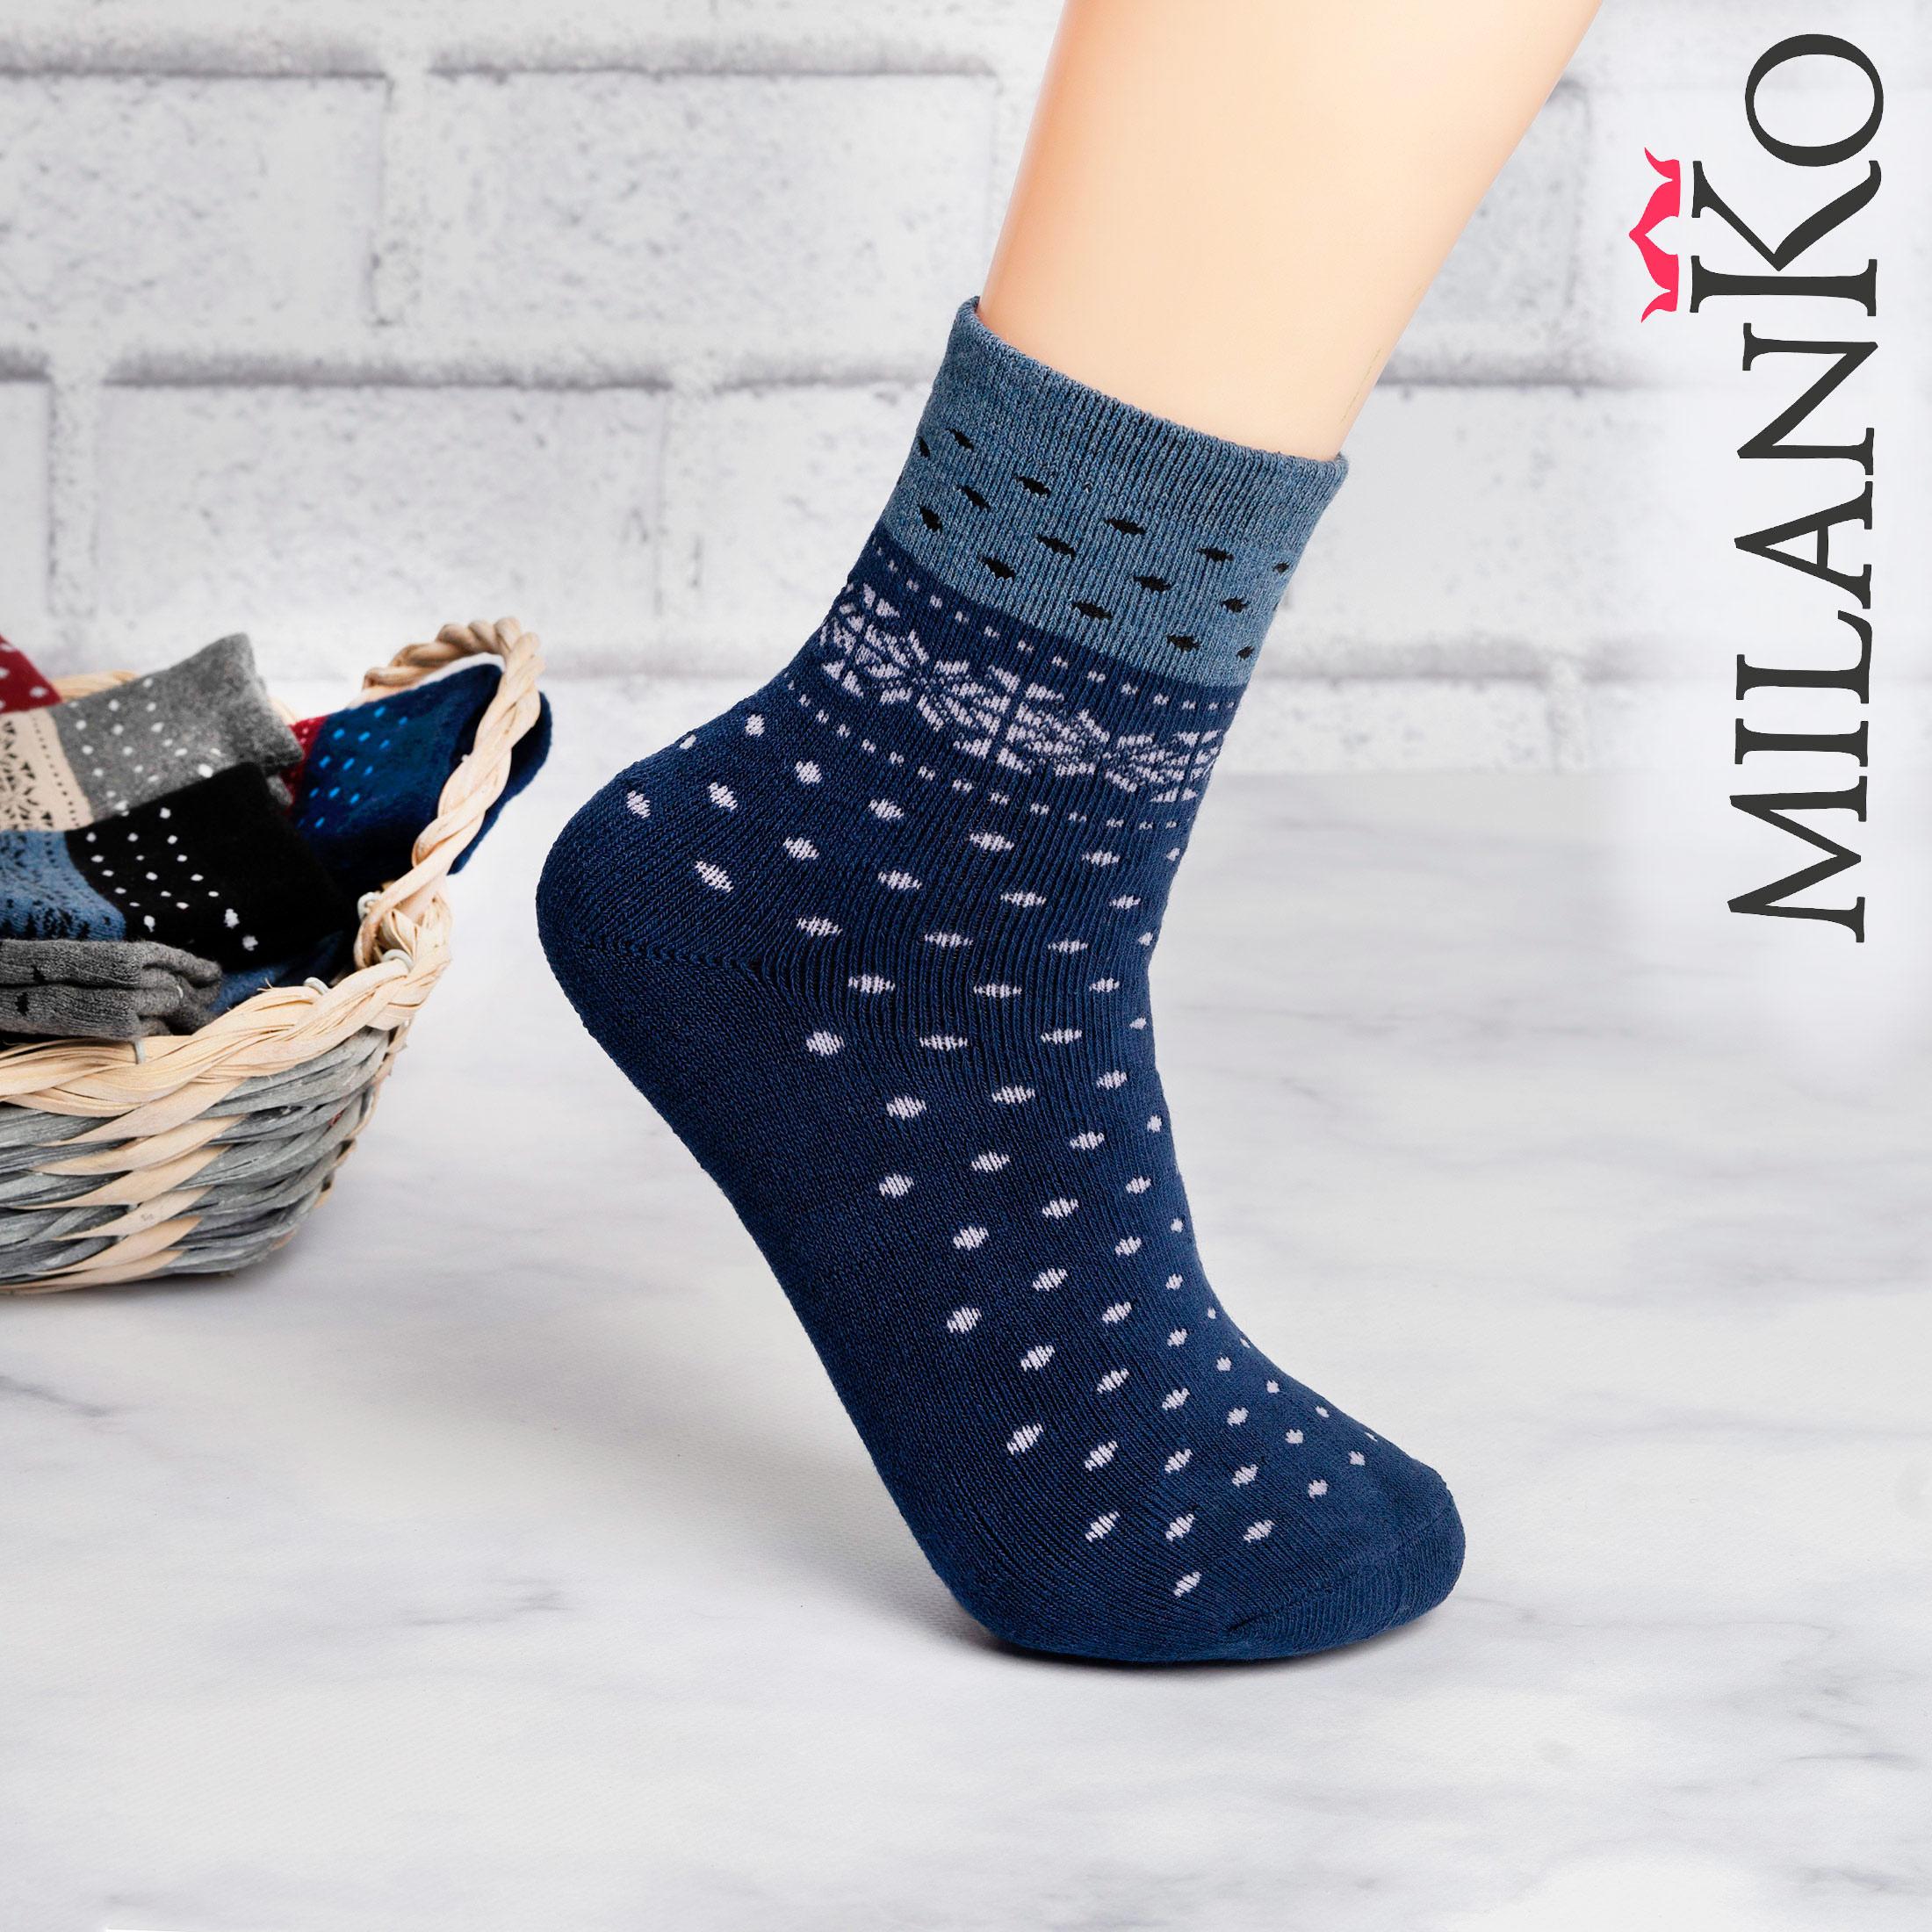 Подростковые носки махровые (3) MilanKo IN-072